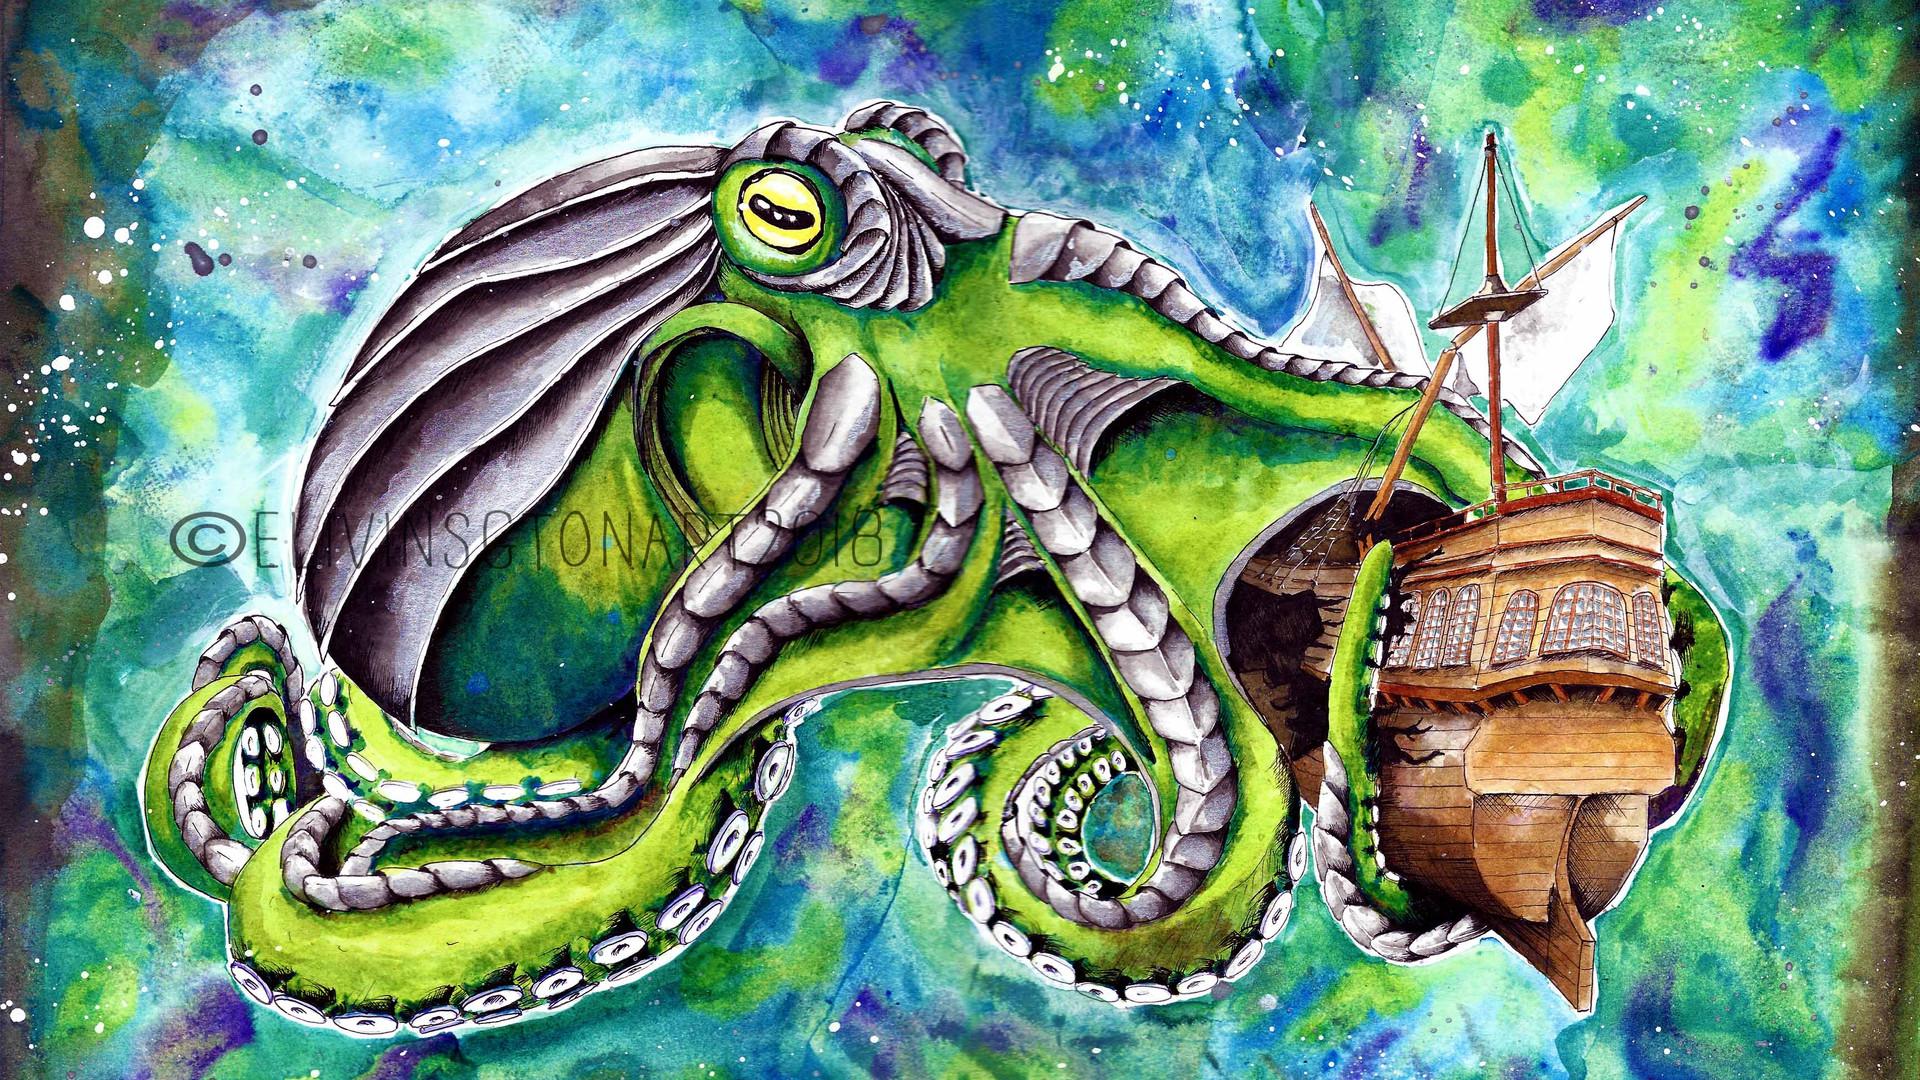 Kraken - Mythical Mechanics